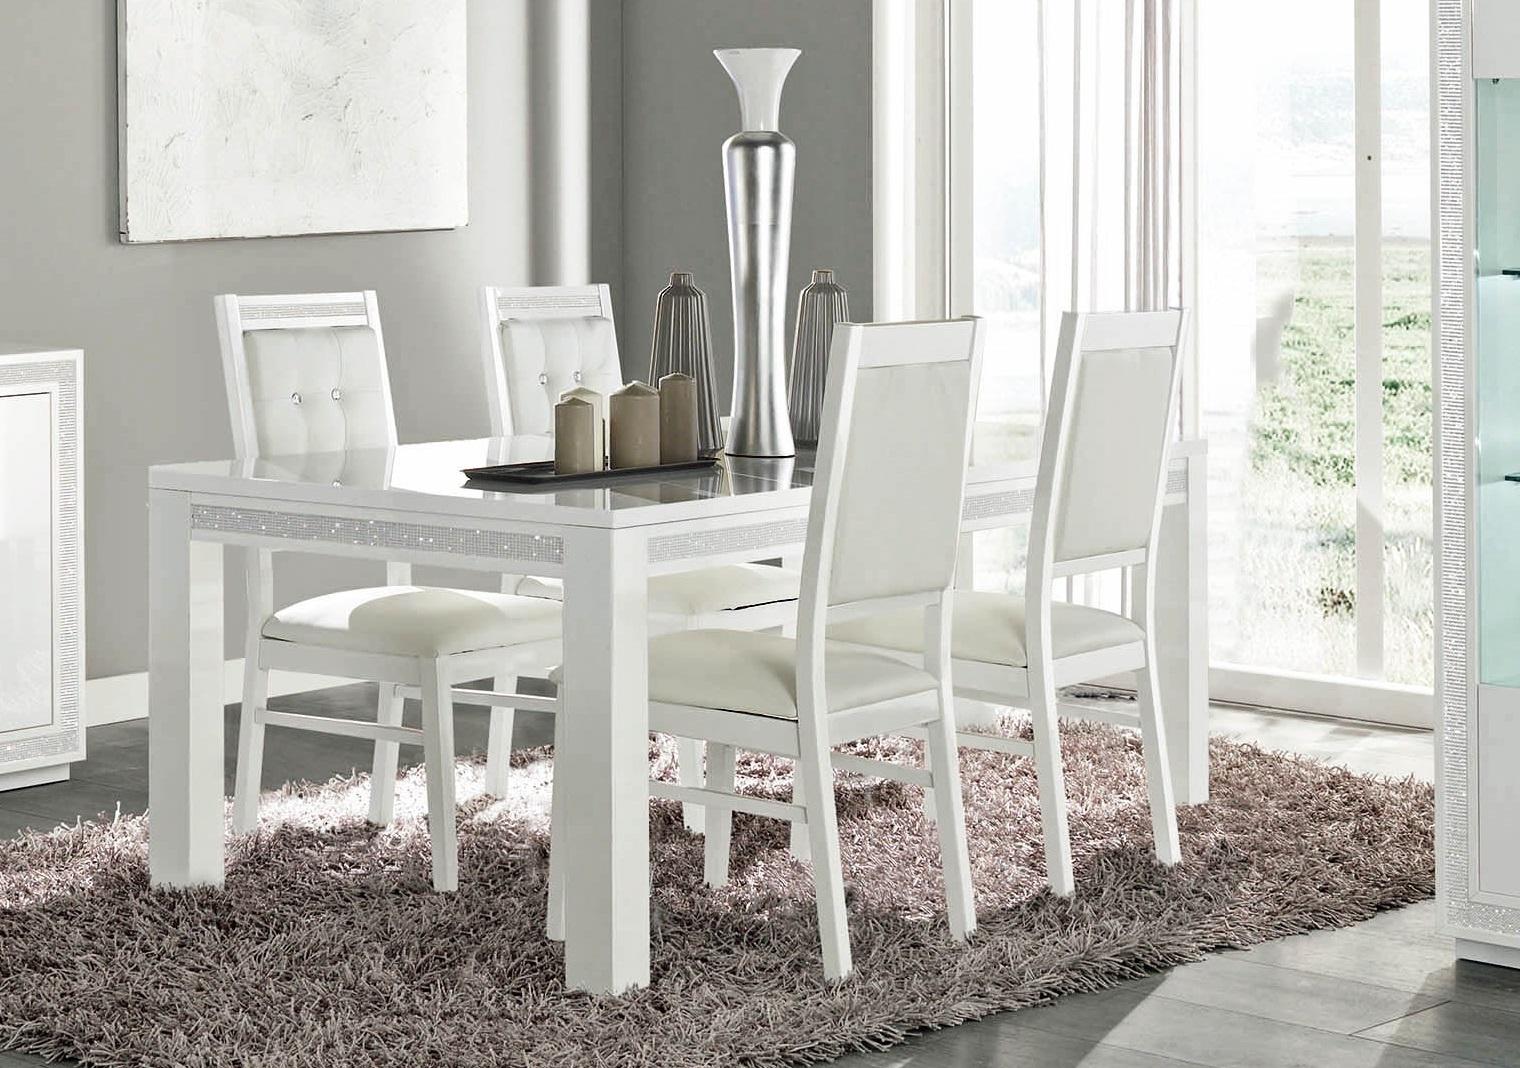 Tischgruppe Celine Mit 4 Stühlen Weiß Elegant Strasssteine